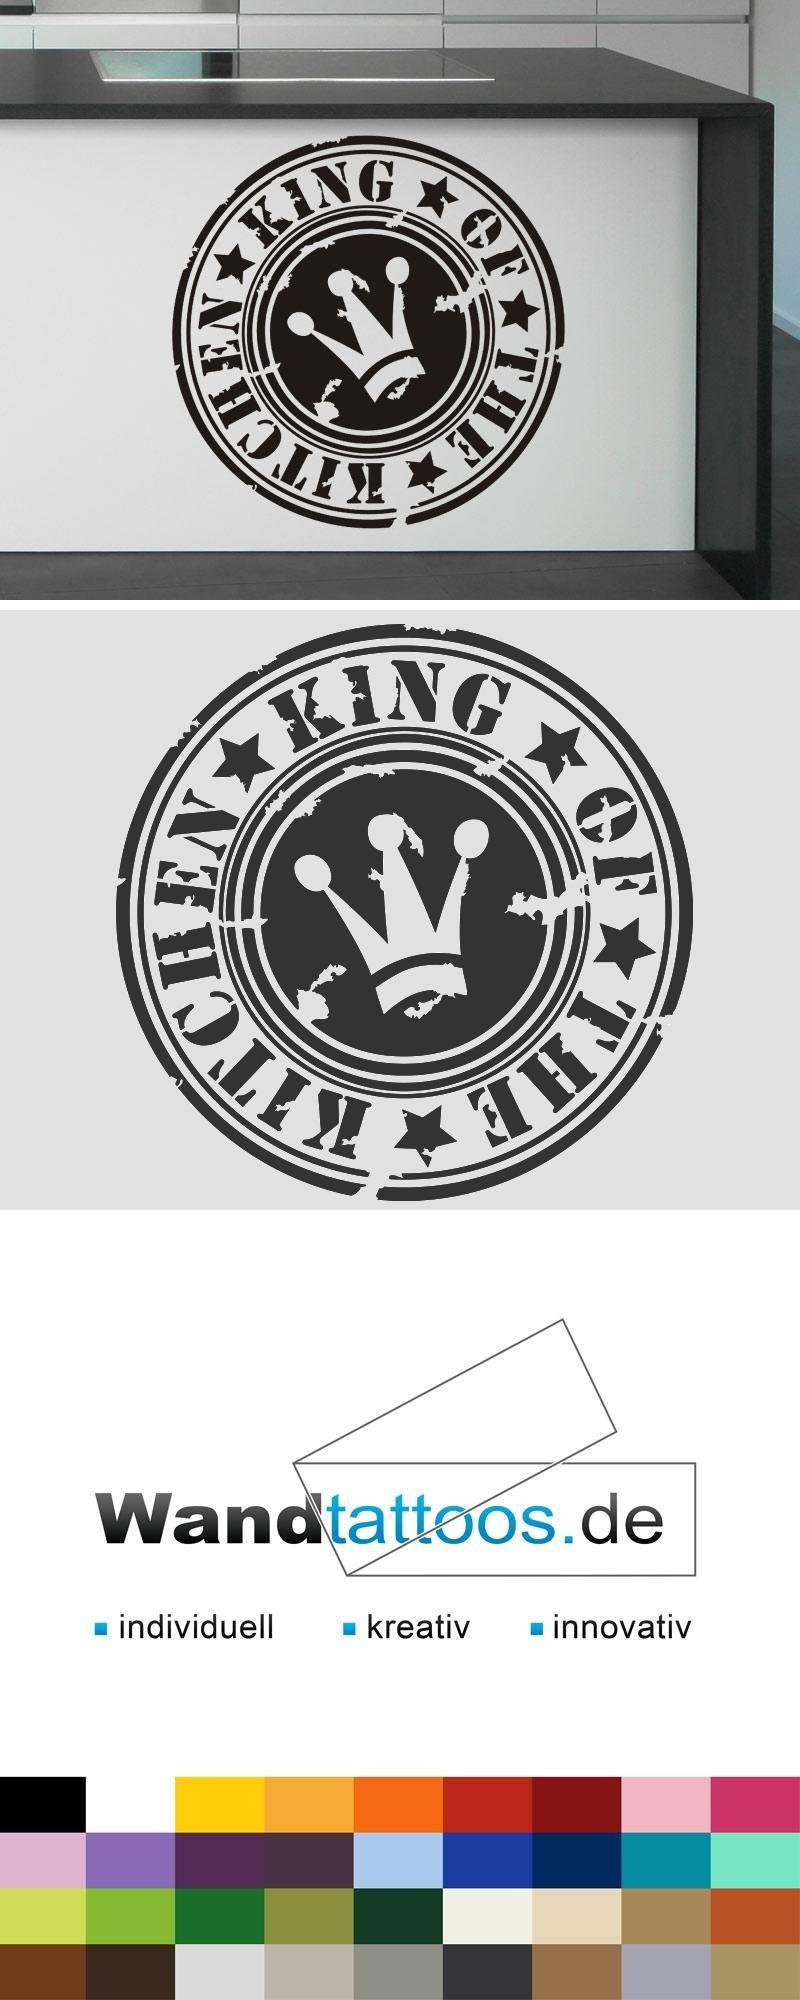 Wandtattoo Button King of the kitchen als Idee zur individuellen Wandgestaltung. Einfach Lieblingsfarbe und Größe auswählen. Weitere kreative Anregungen von Wandtattoos.de hier entdecken!